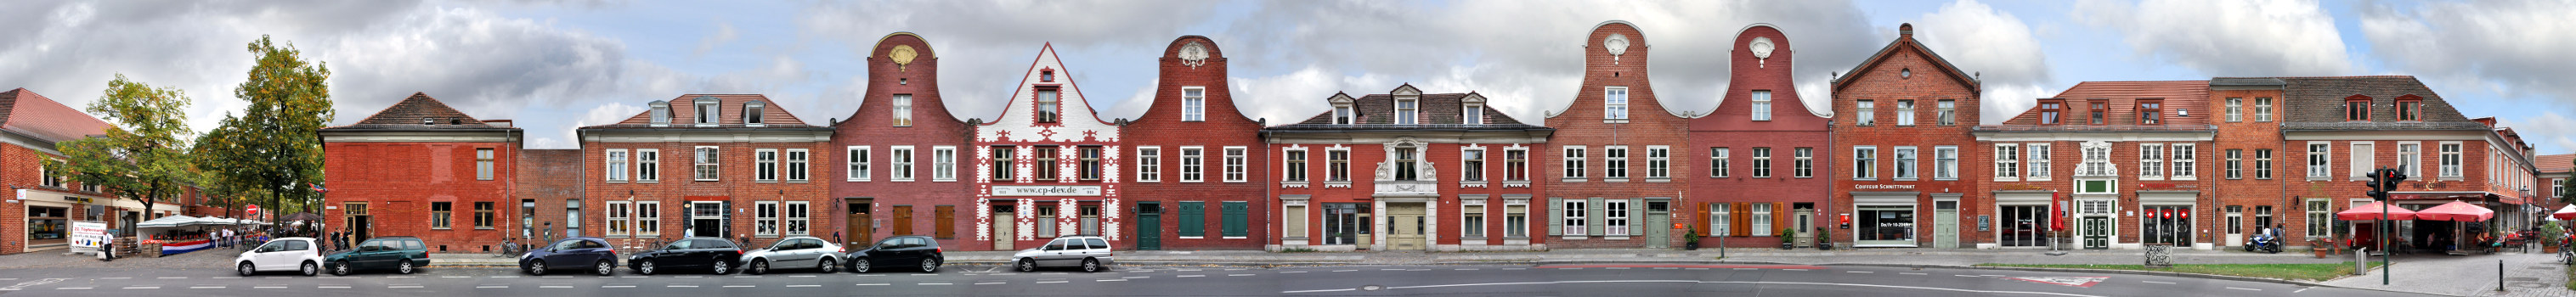 Holländisches Viertel   Kurfürstenstrasse • Potsdam • Deutschland